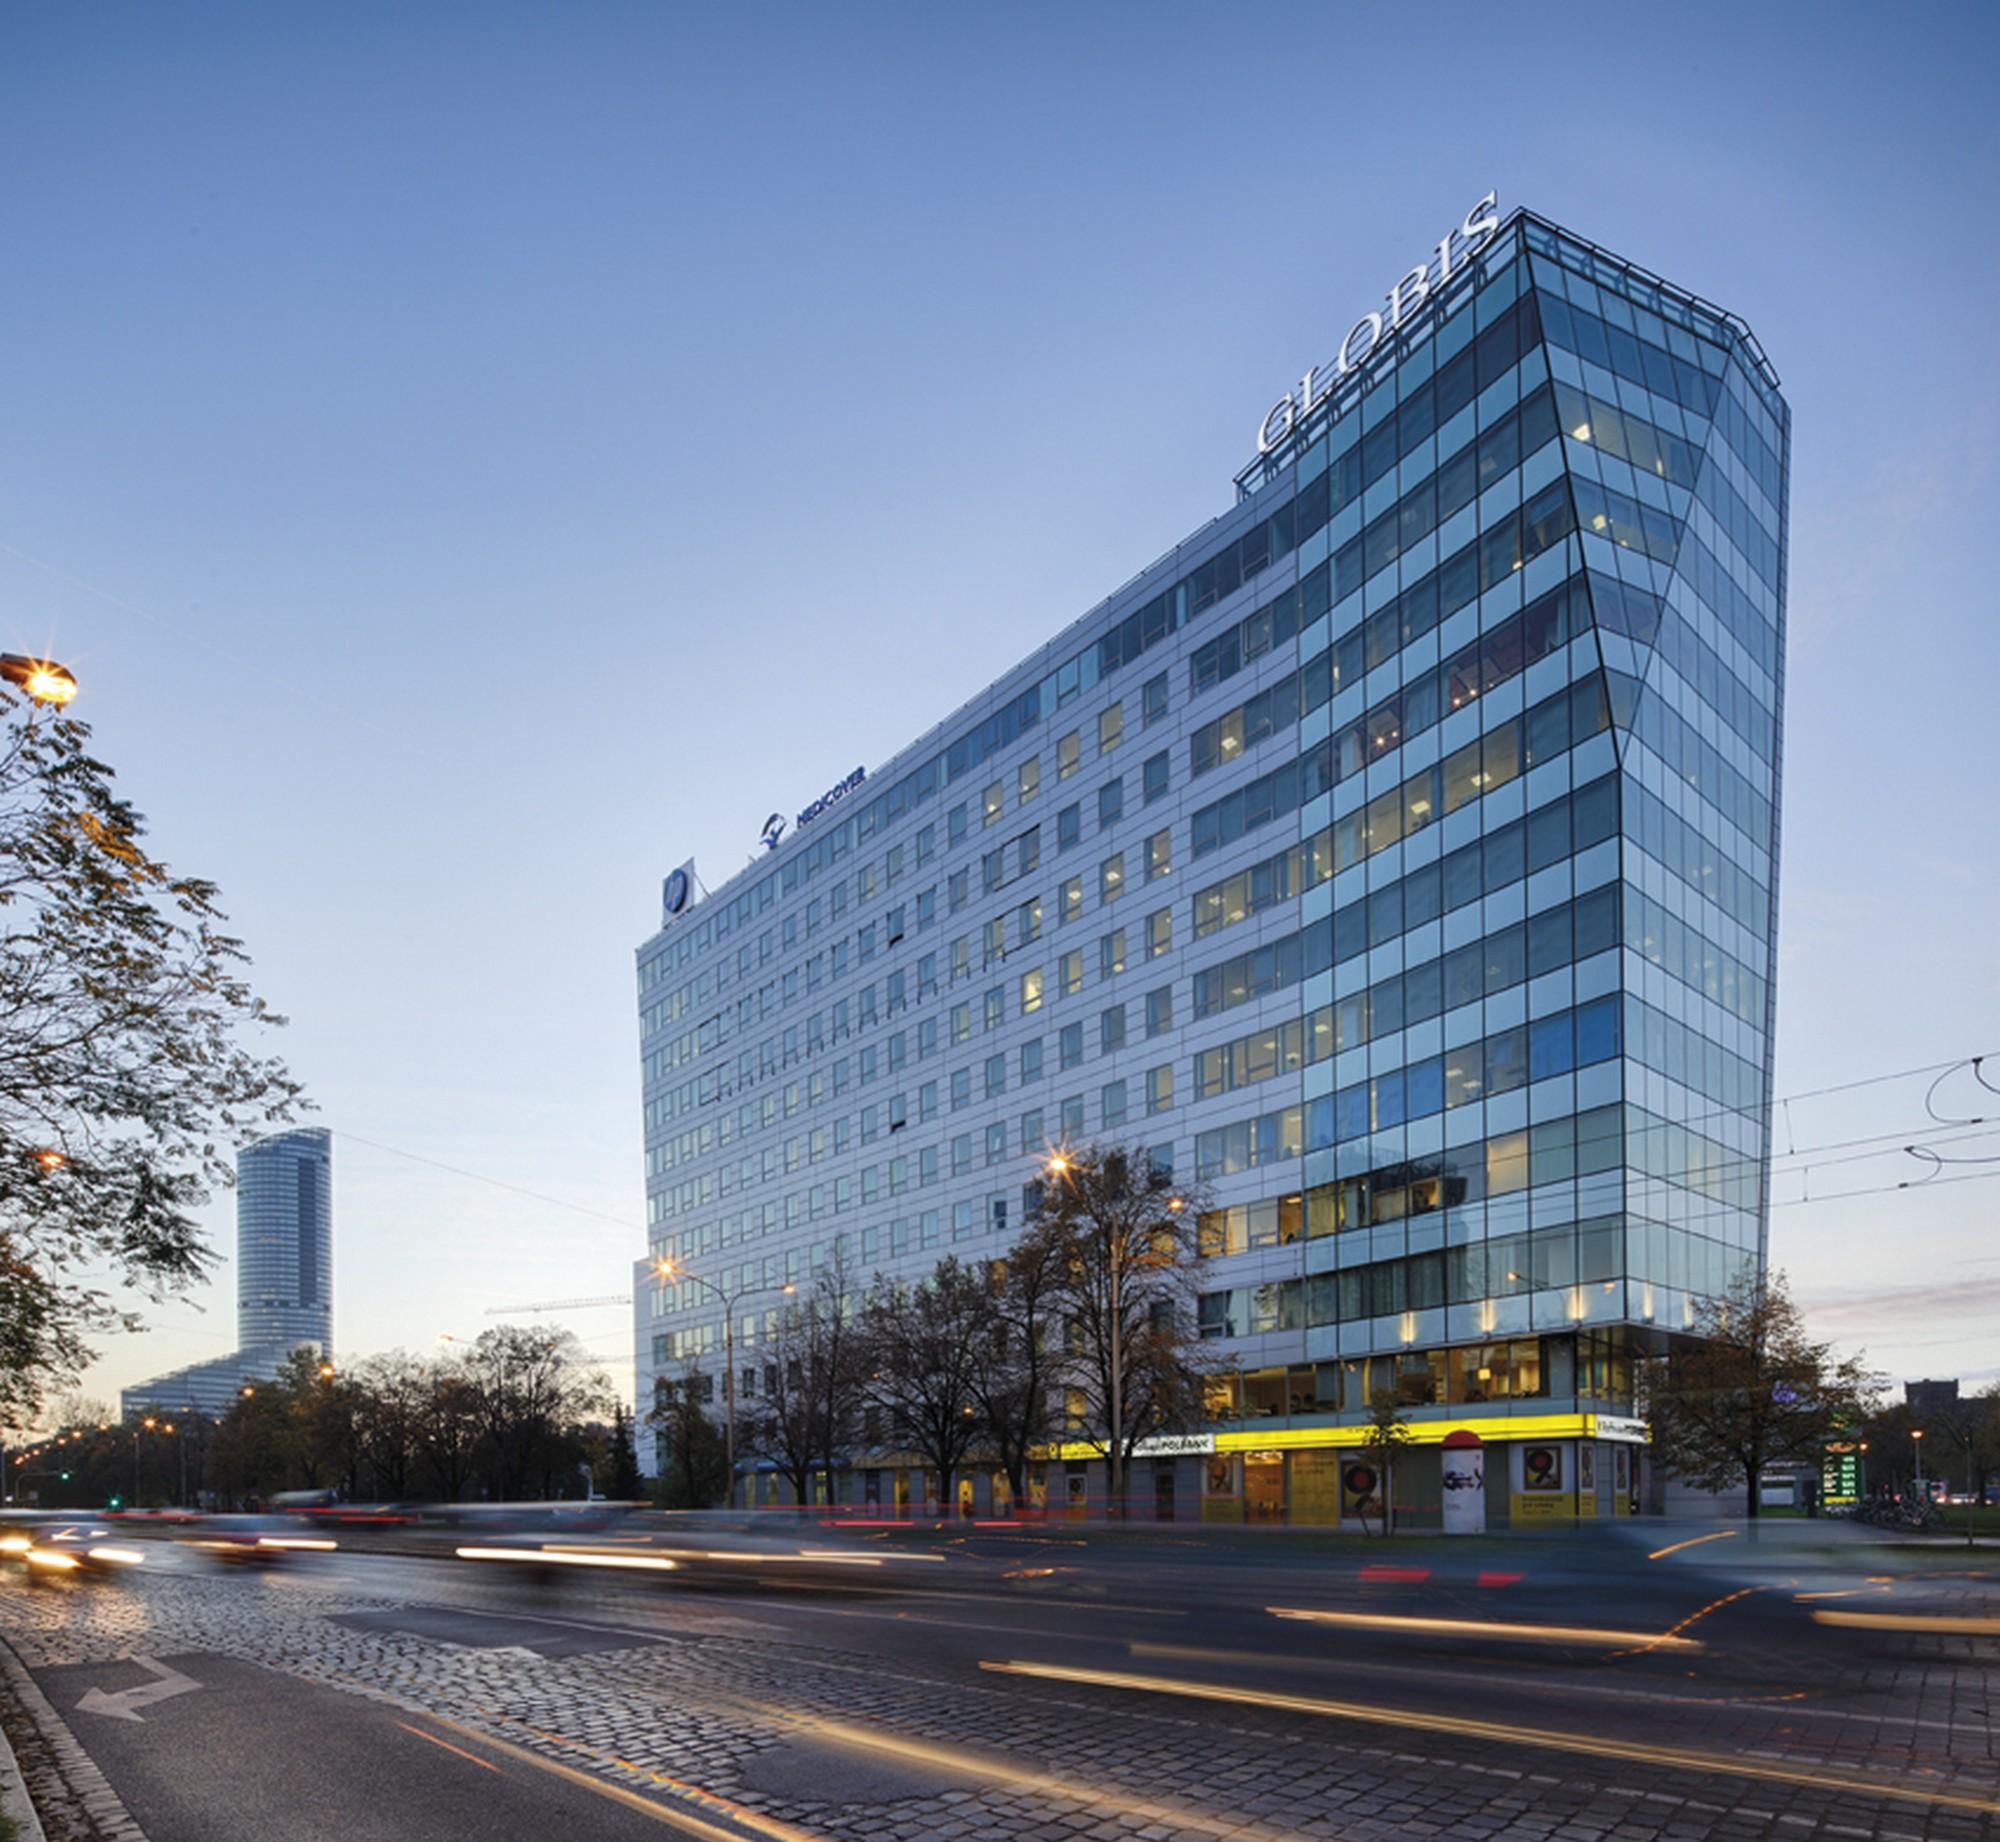 Biurowiec Globe Trade Centre GLOBIS, Wrocław 2006, proj. Studio EL (źródło: materiały prasowe organizatora)